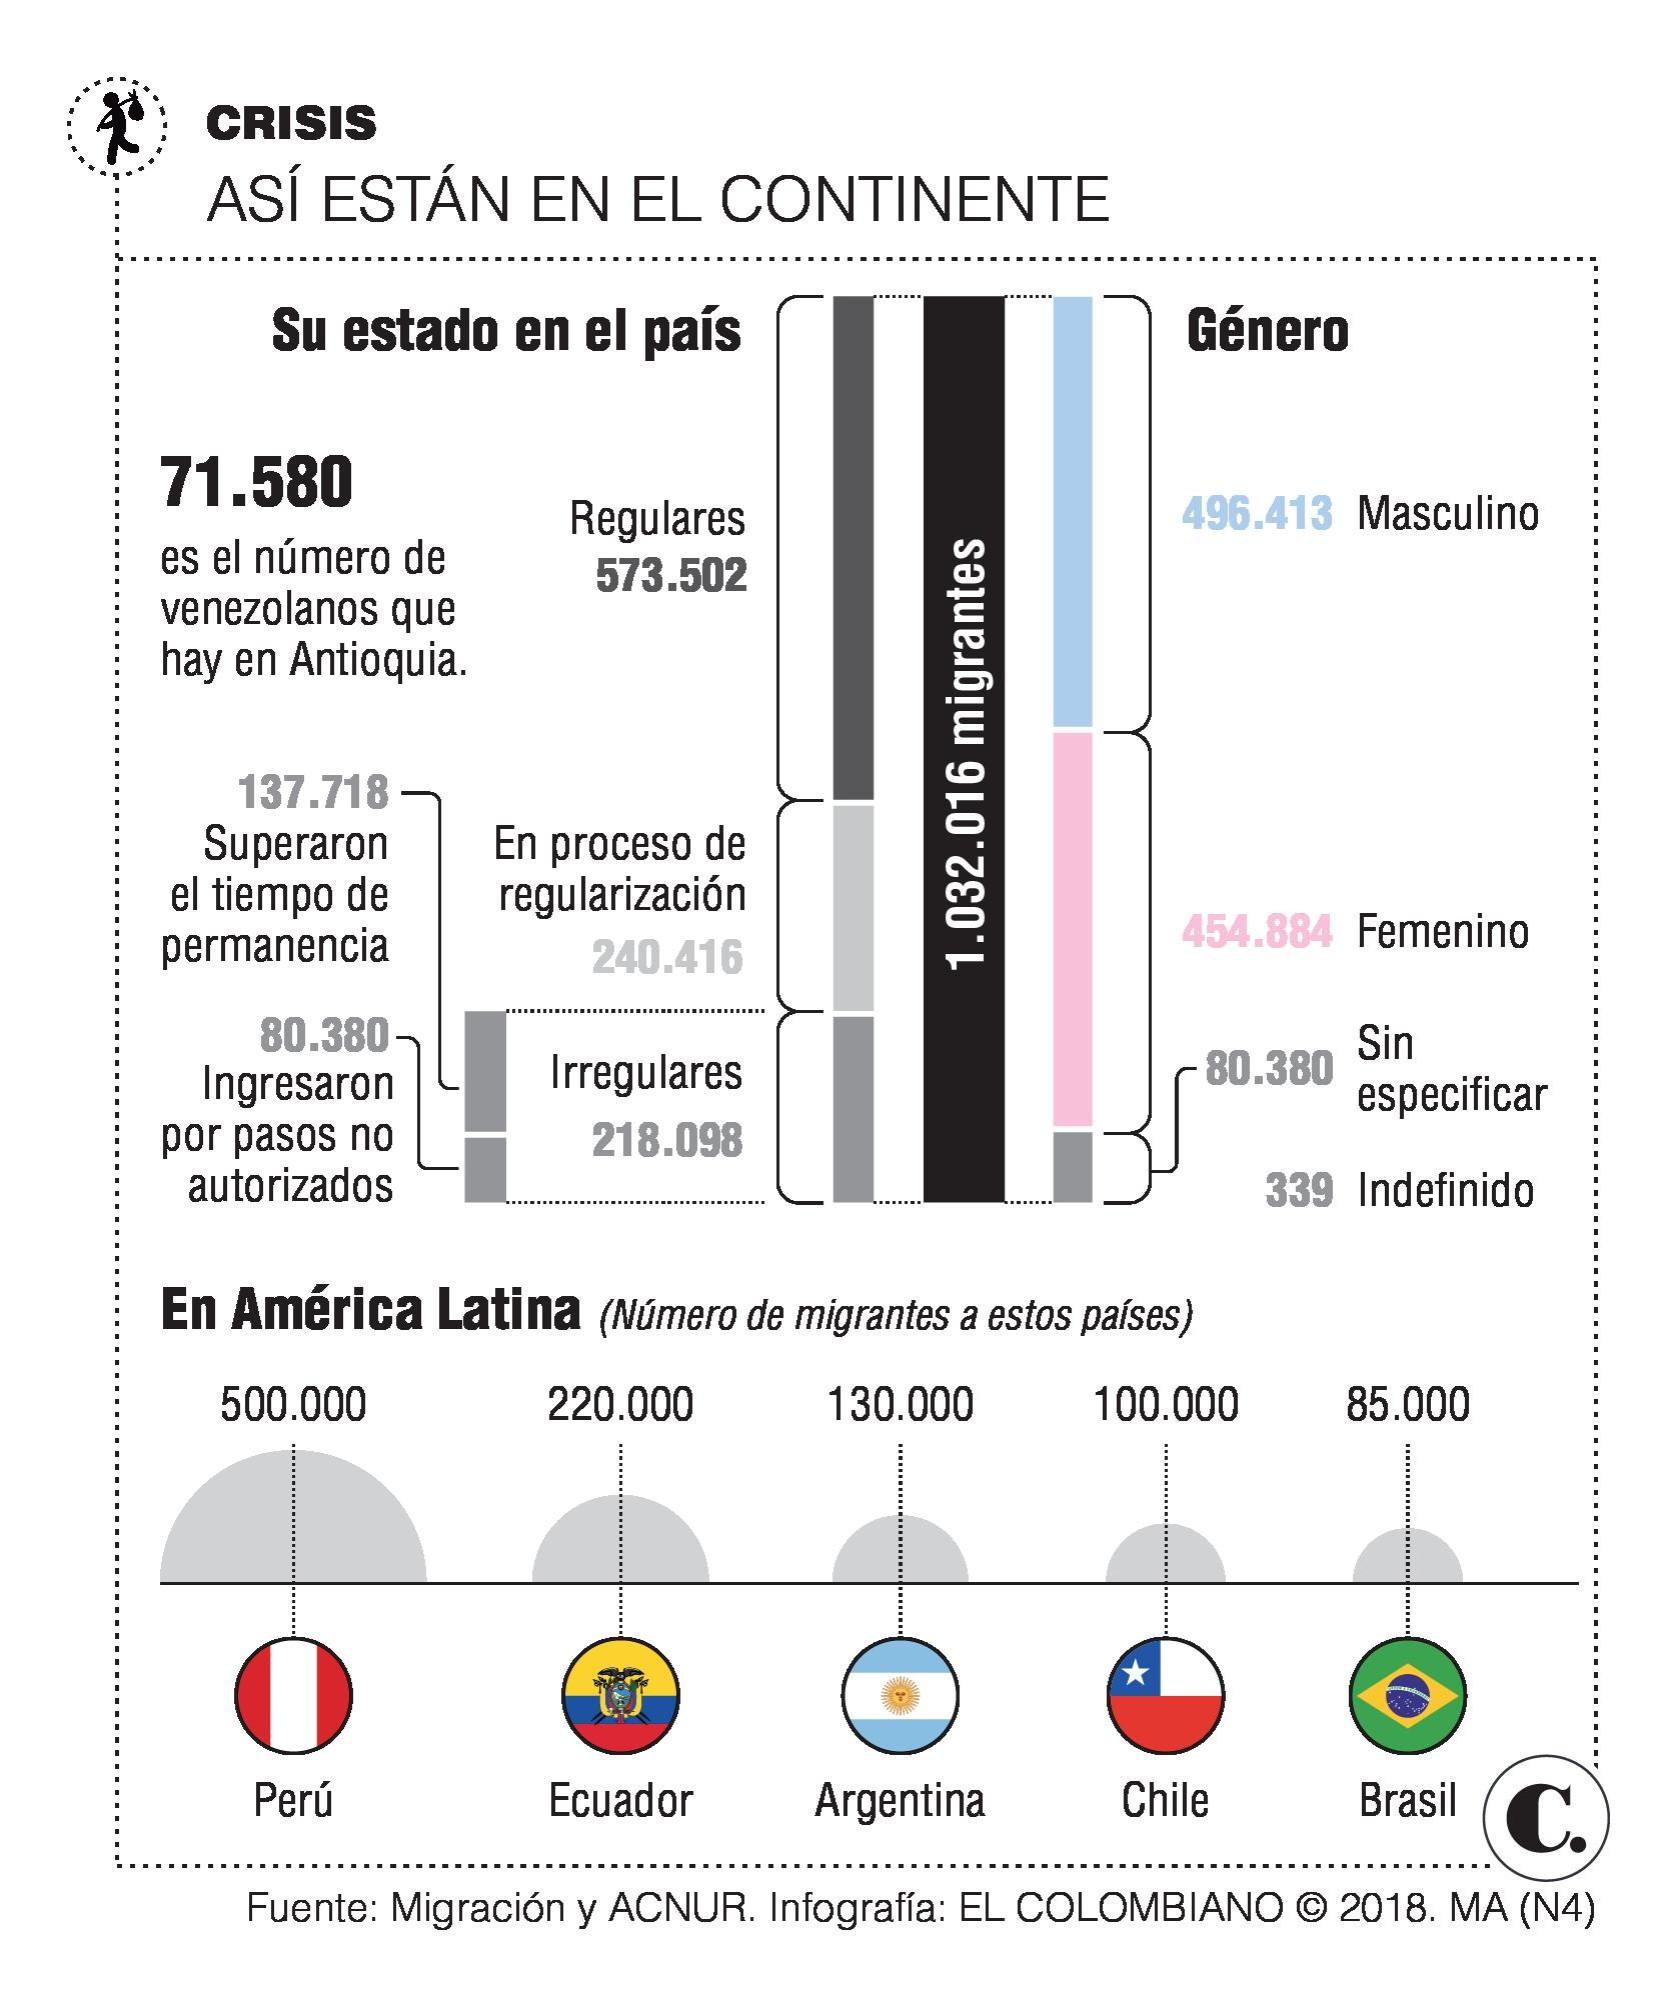 Desde Venezuela ya salieron tres millones